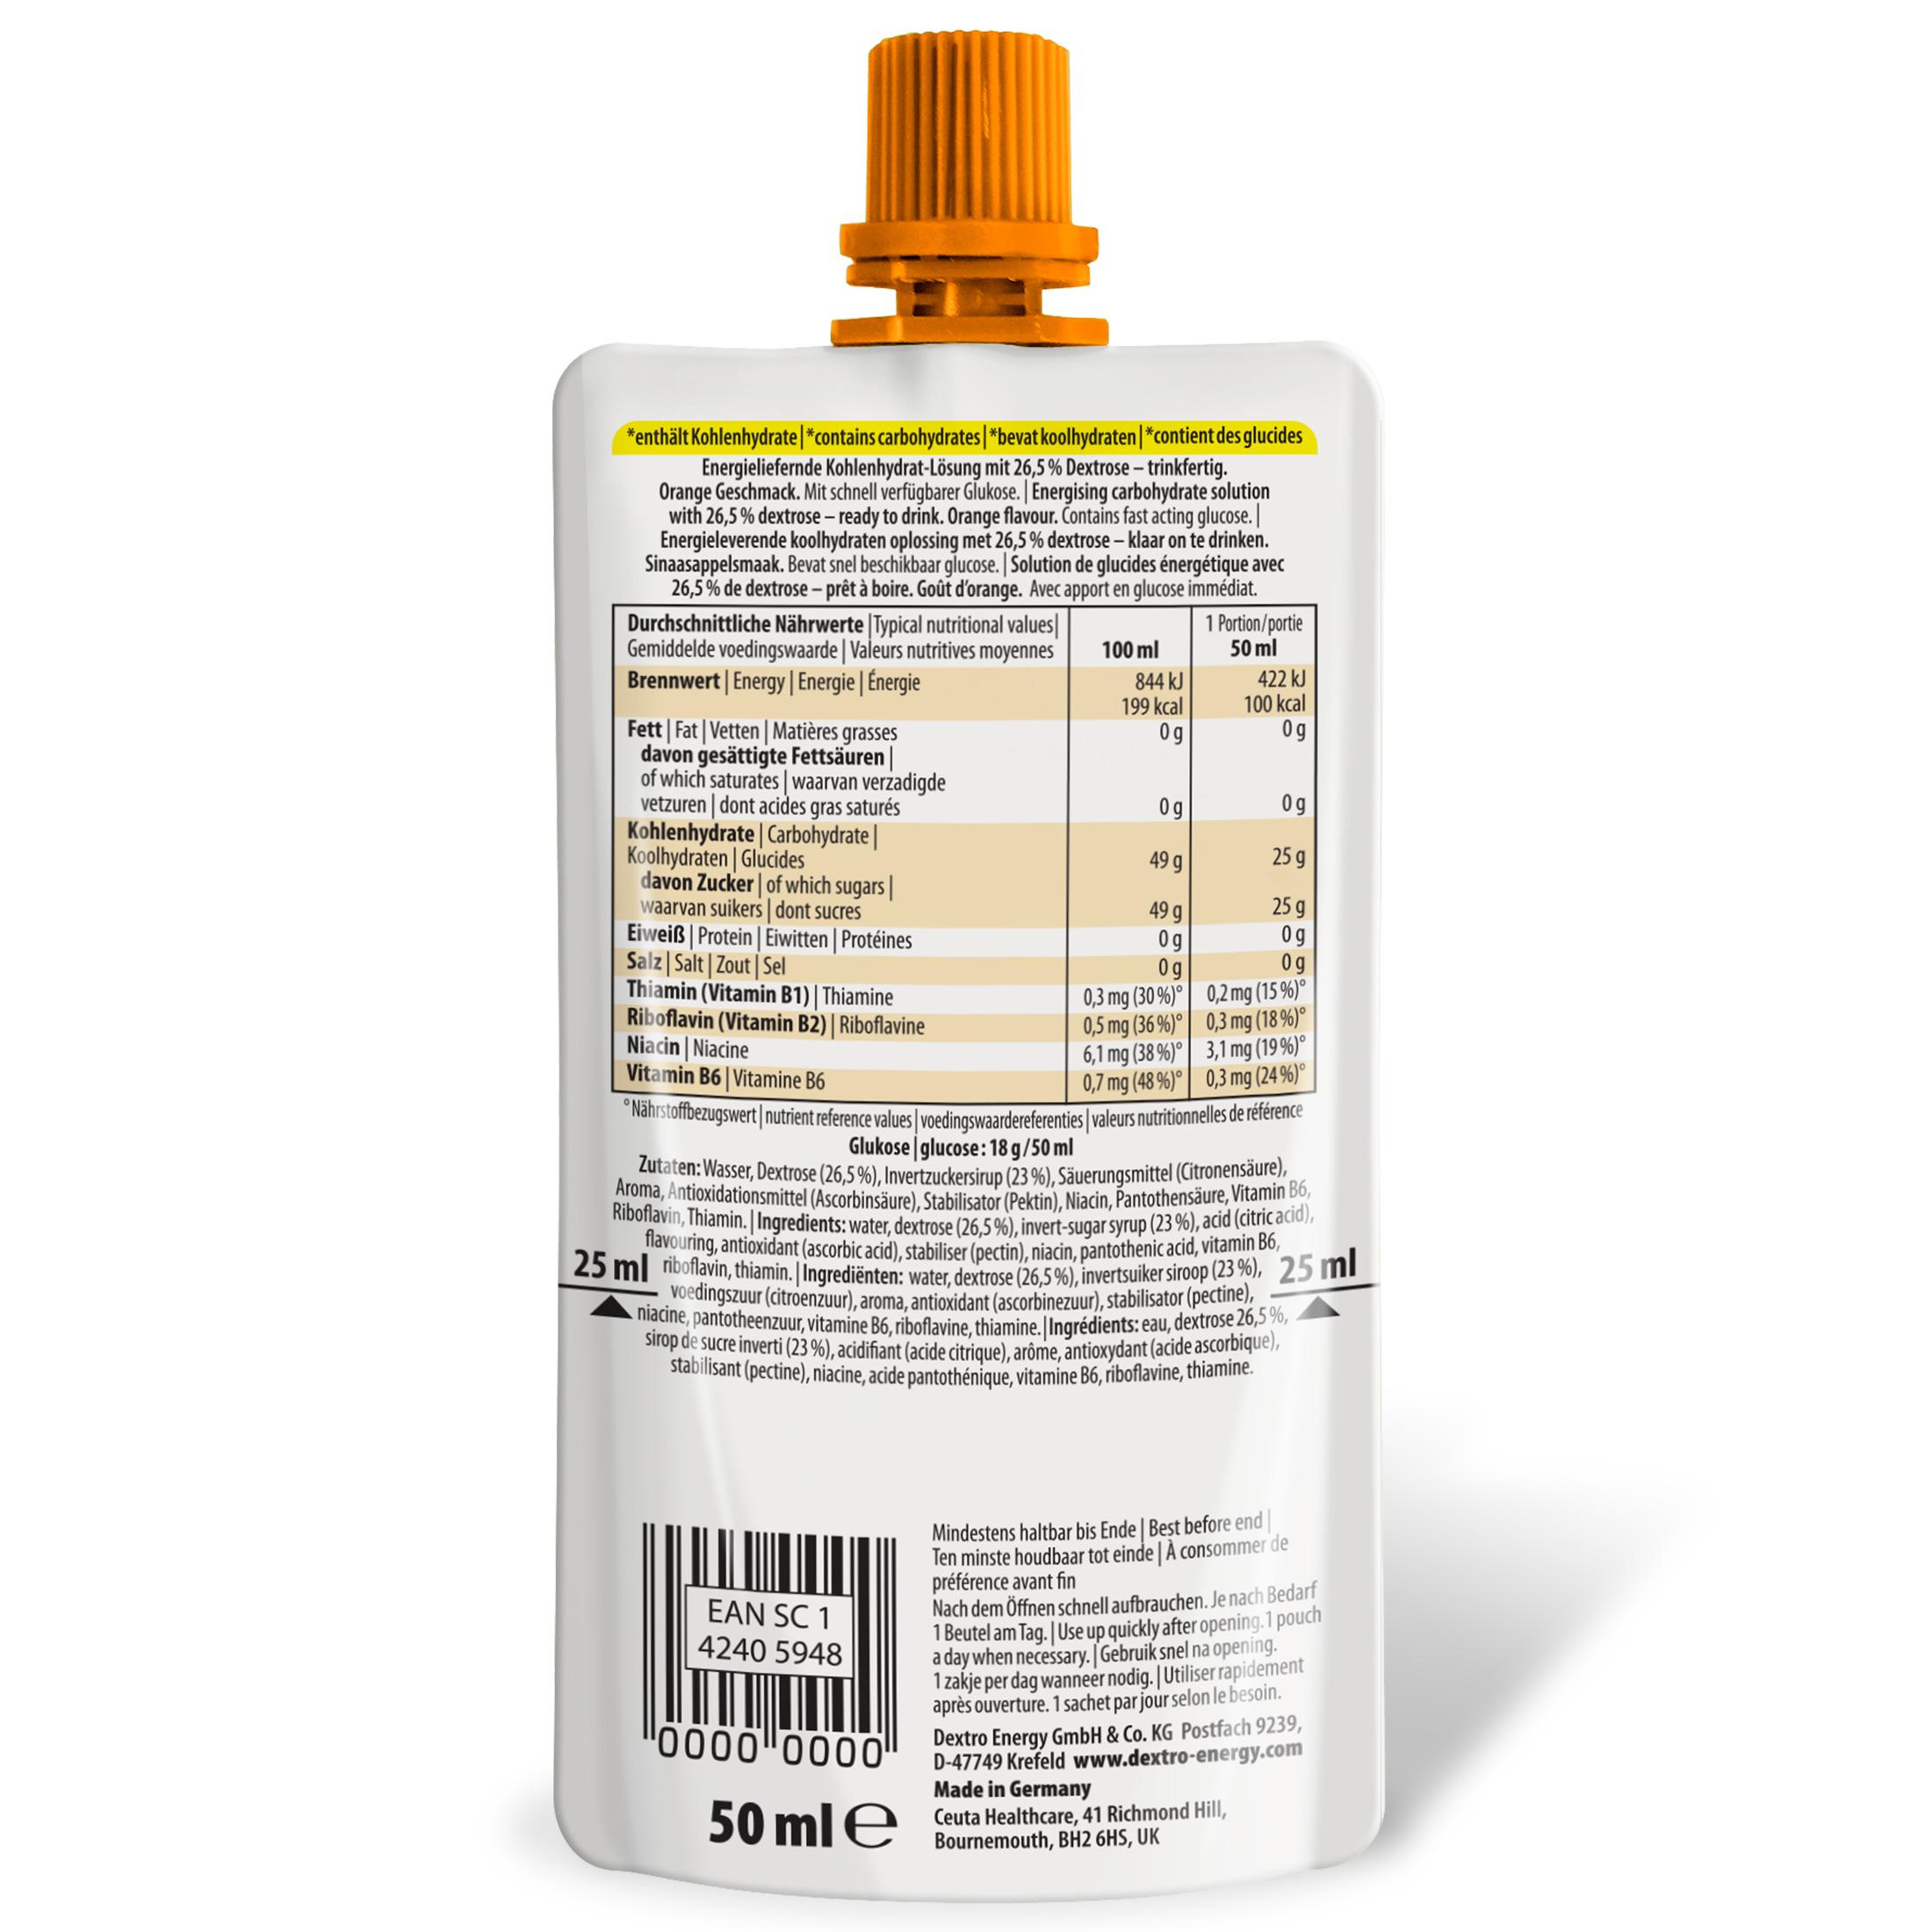 DextroEnergy Dextrose Drink Orange PZN 16910052